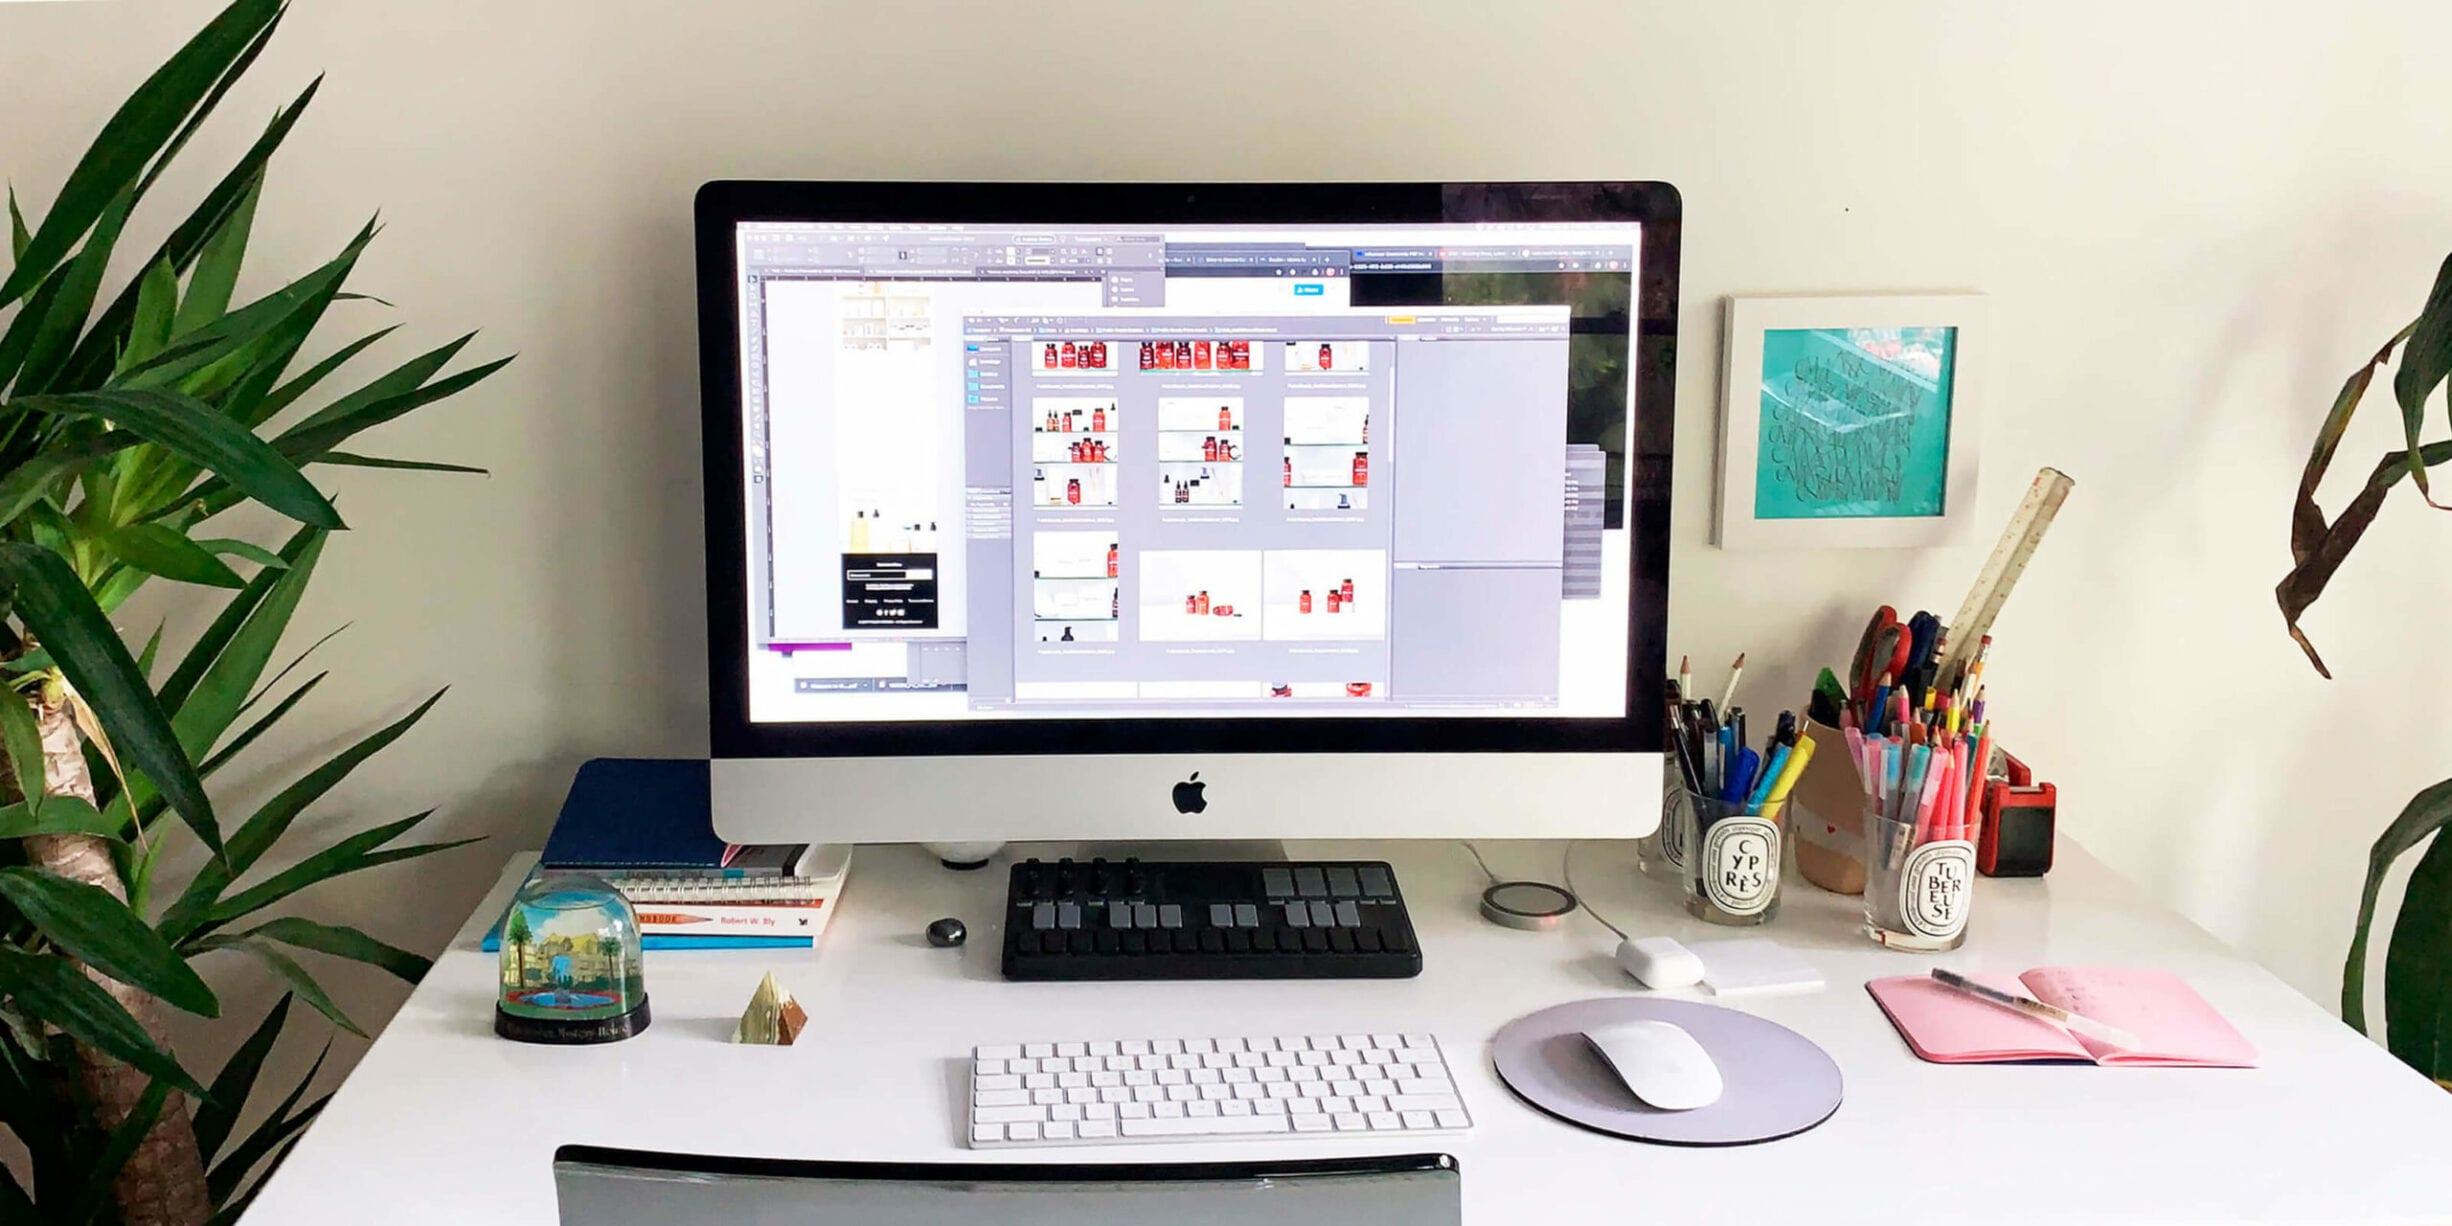 mac desktop on desk with plant keyboard